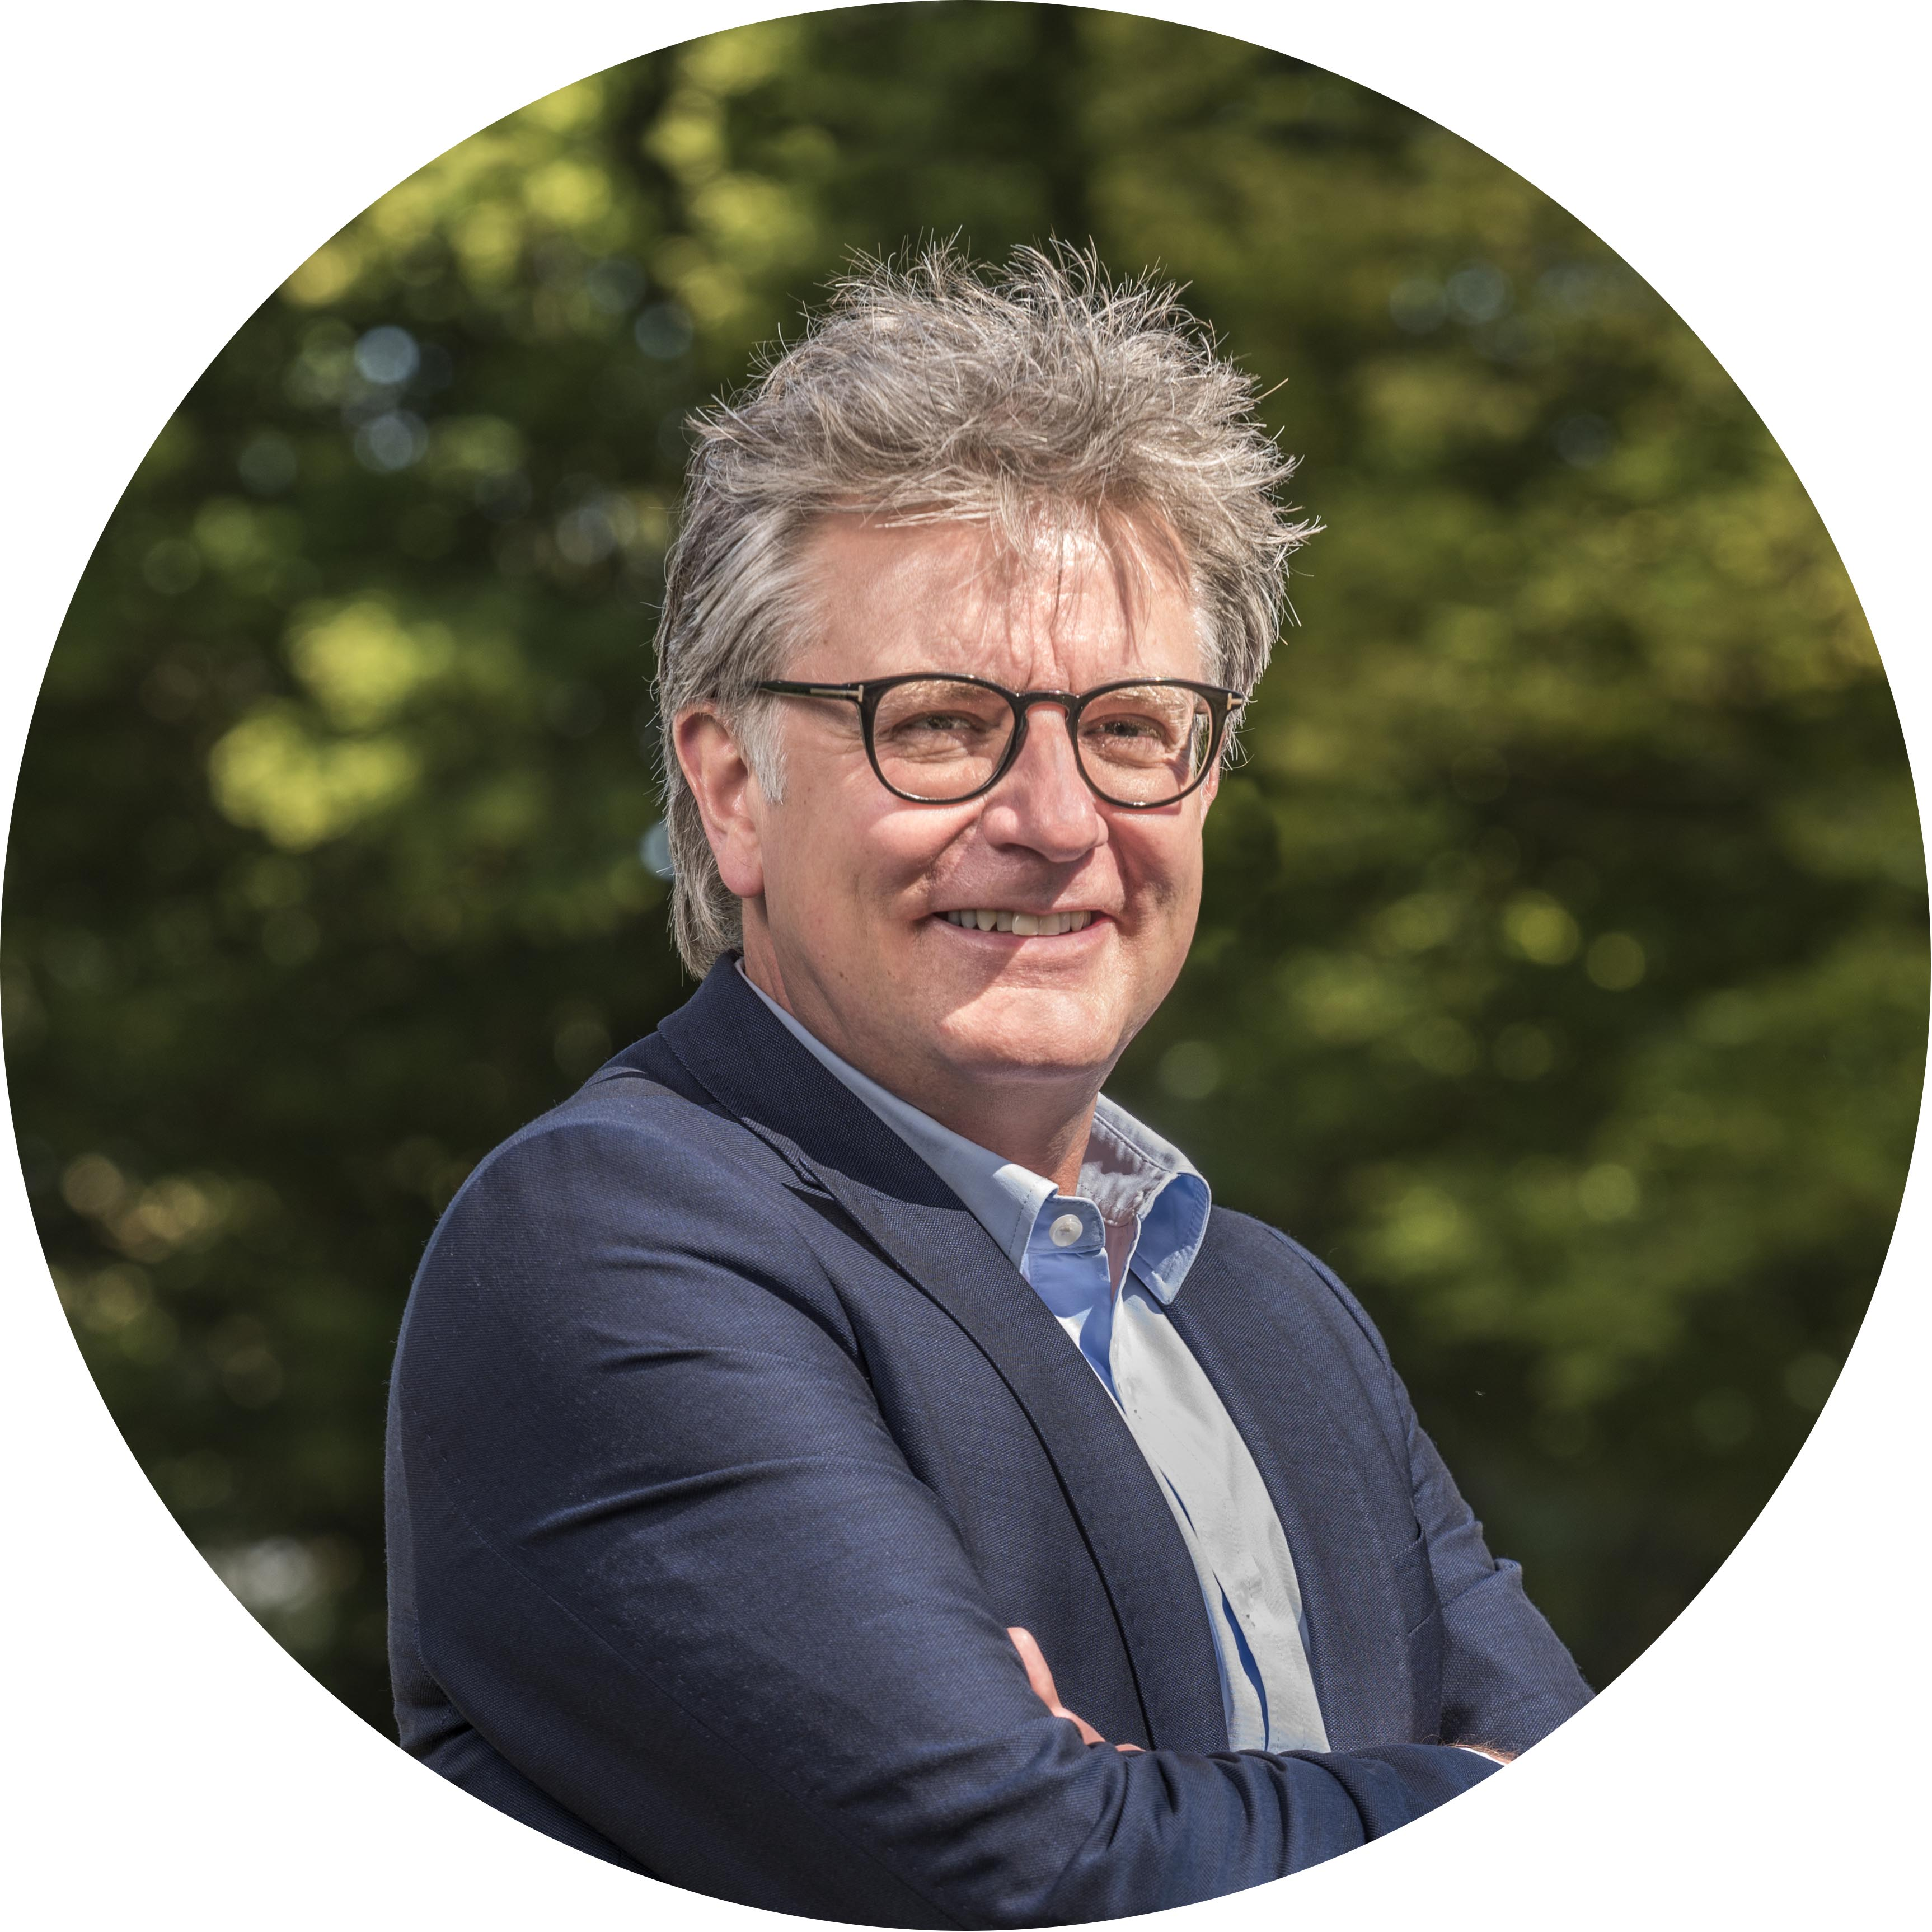 Leon Verheggen